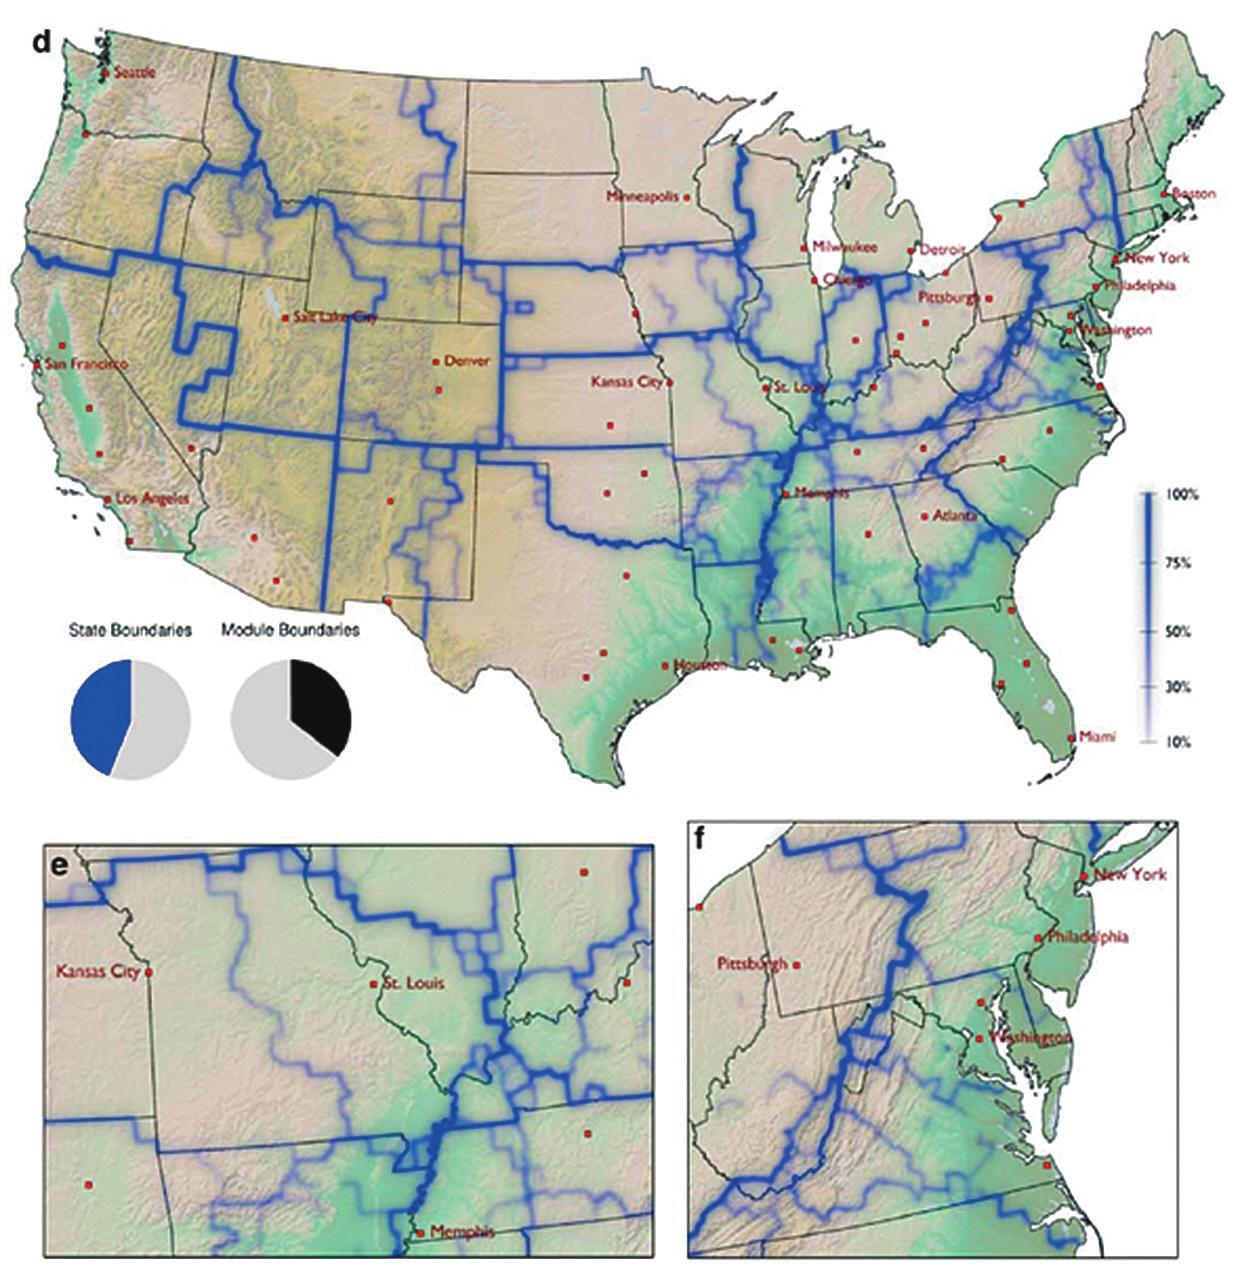 Рис. 5. Разбиение США на компактные модули по потокам банкнот [7]. Сверху: границы модулей показаны синим, интенсивность цвета соответствует частоте, с которой граница воспроизводится при различных запусках алгоритма. Круговые диаграммы показывают, что 44% границ штатов являются также и границами модулей (слева), но 64% границ модулей не совпадают с границами штатов (справа). Внизу: примеры несовпадения границ штатов и модулей. Слева: разбиение штата Миссури на области Канзас-Сити (запад) и Сент-Луиса (восток); справа: разбиение по Аппалачам, разделяющее Пенсильванию на области Питтсбурга (к западу от гор) и Филадельфии (к востоку от гор)